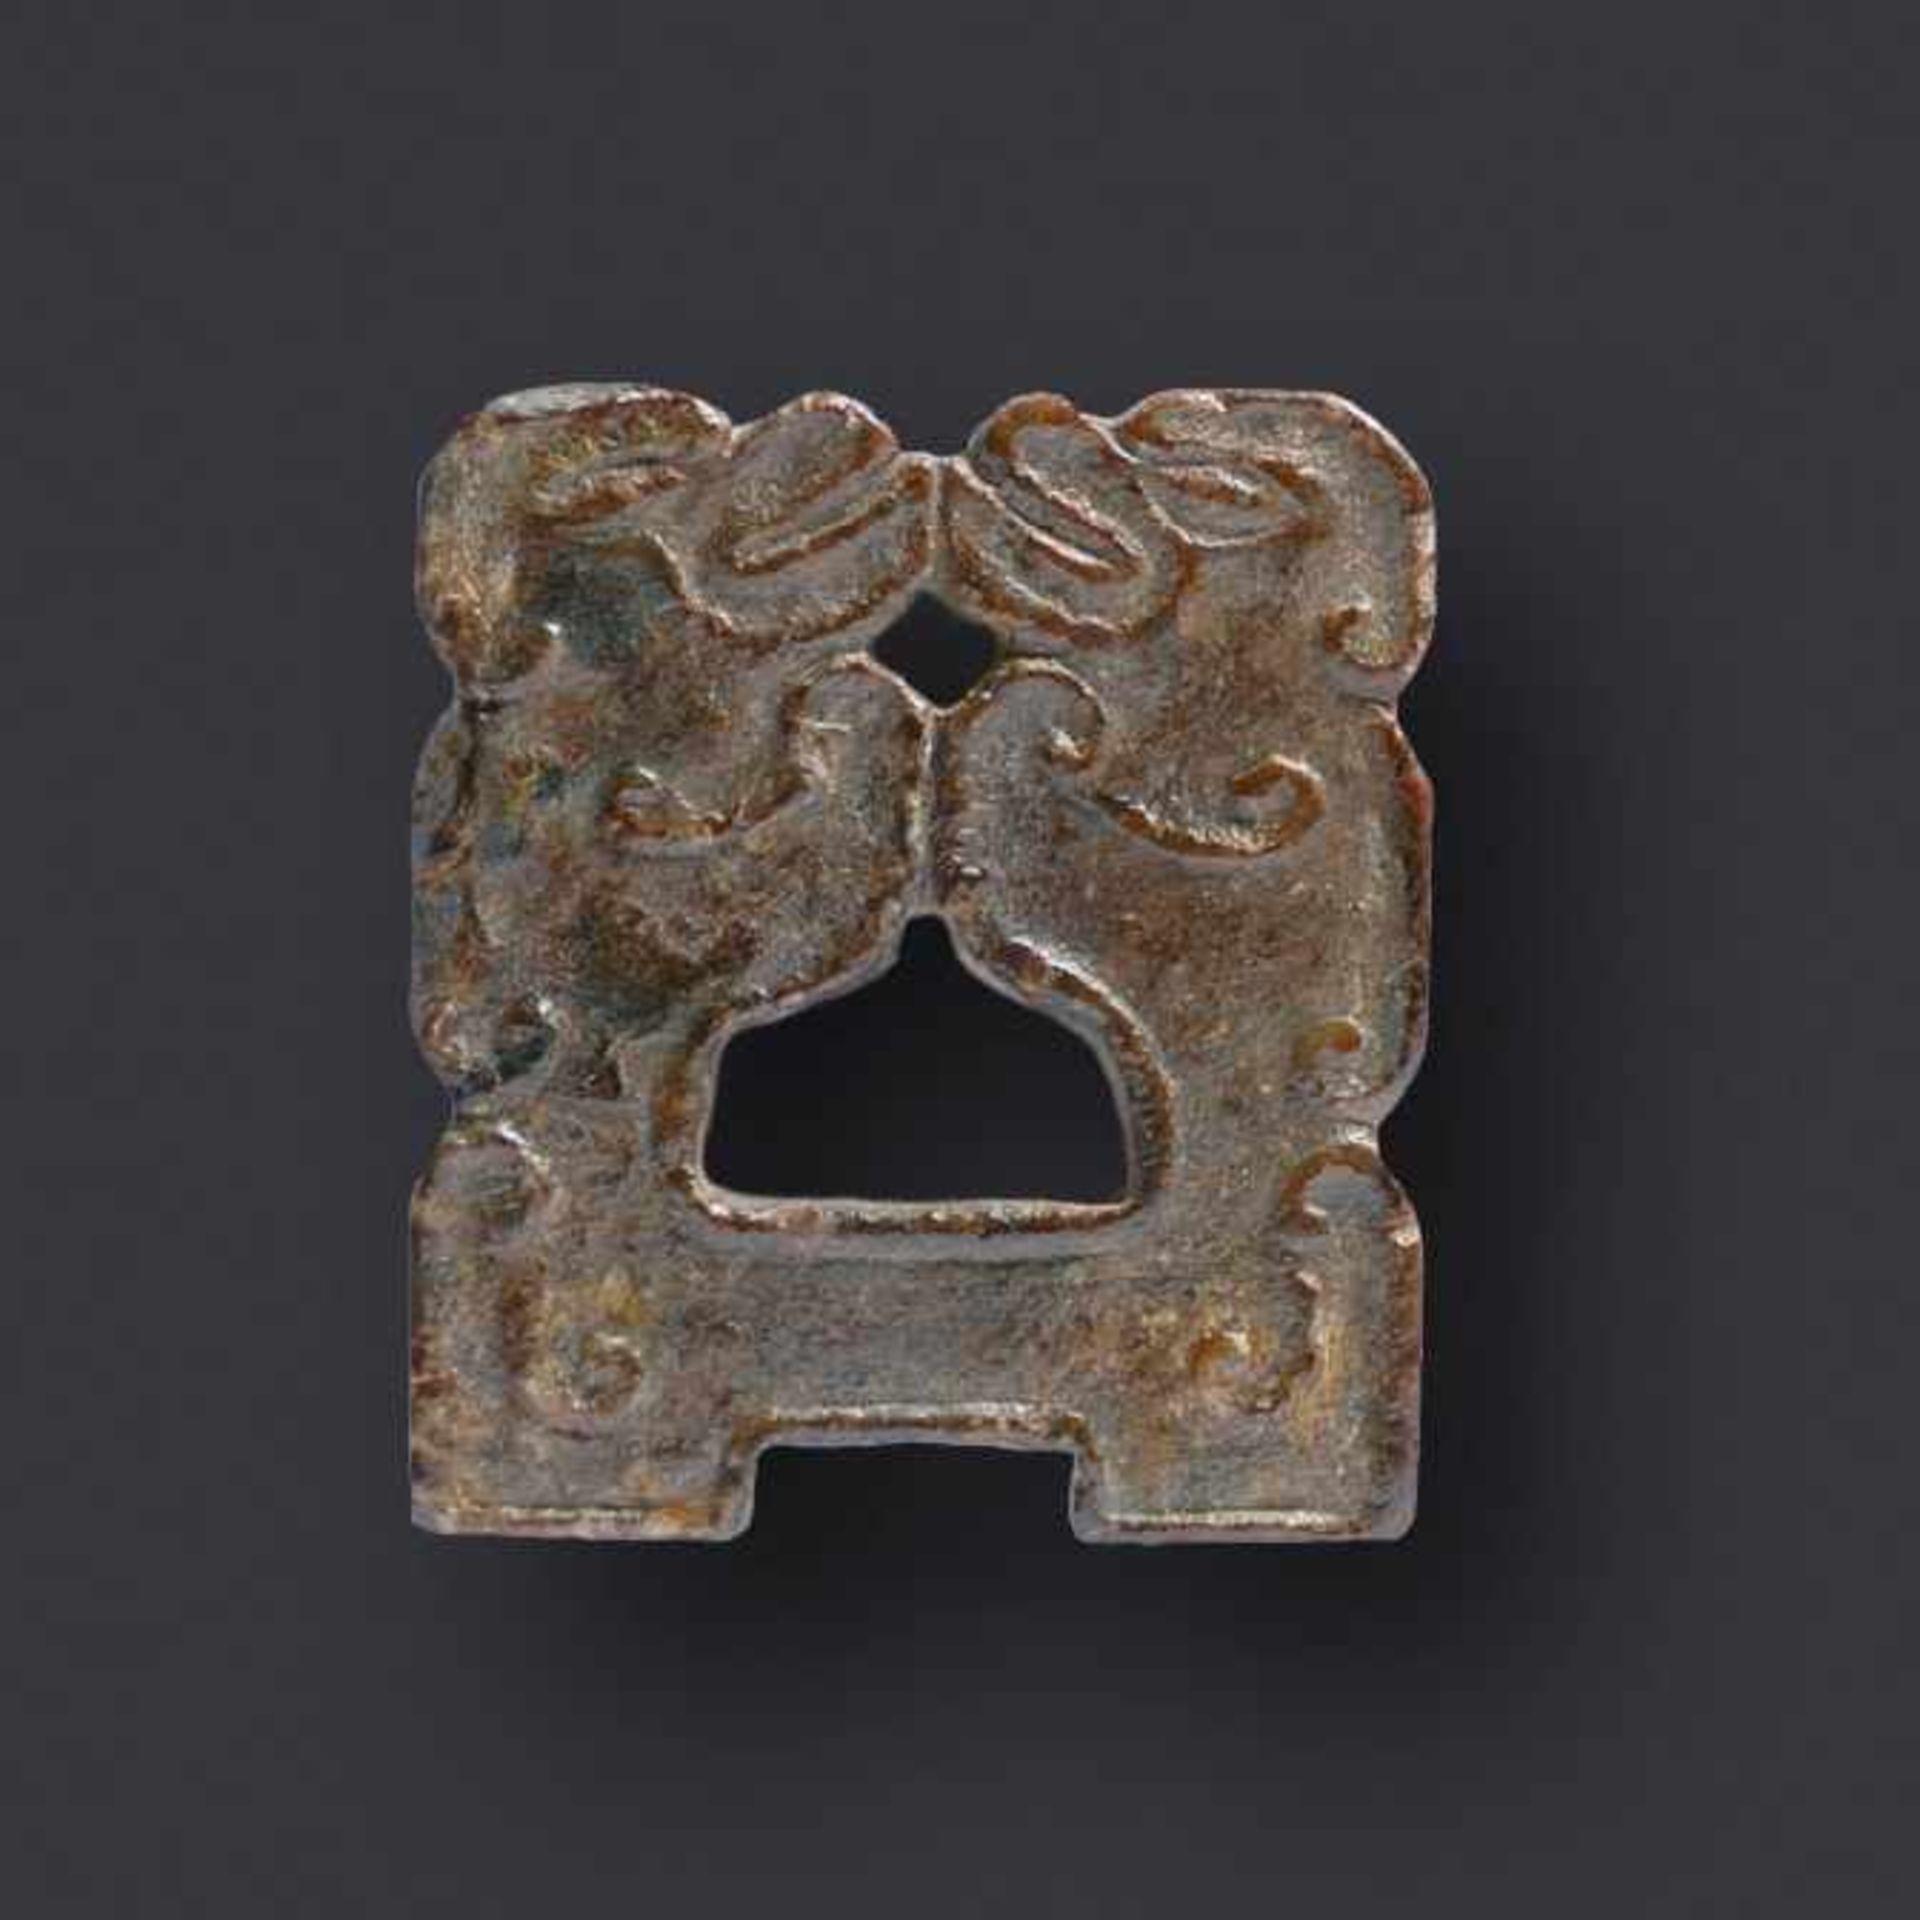 Kleiner Zieranhänger (Mit Affen?) Jade. China, Qing, Daoguang (Mitte 19. Jh.) Die beiden Wesen